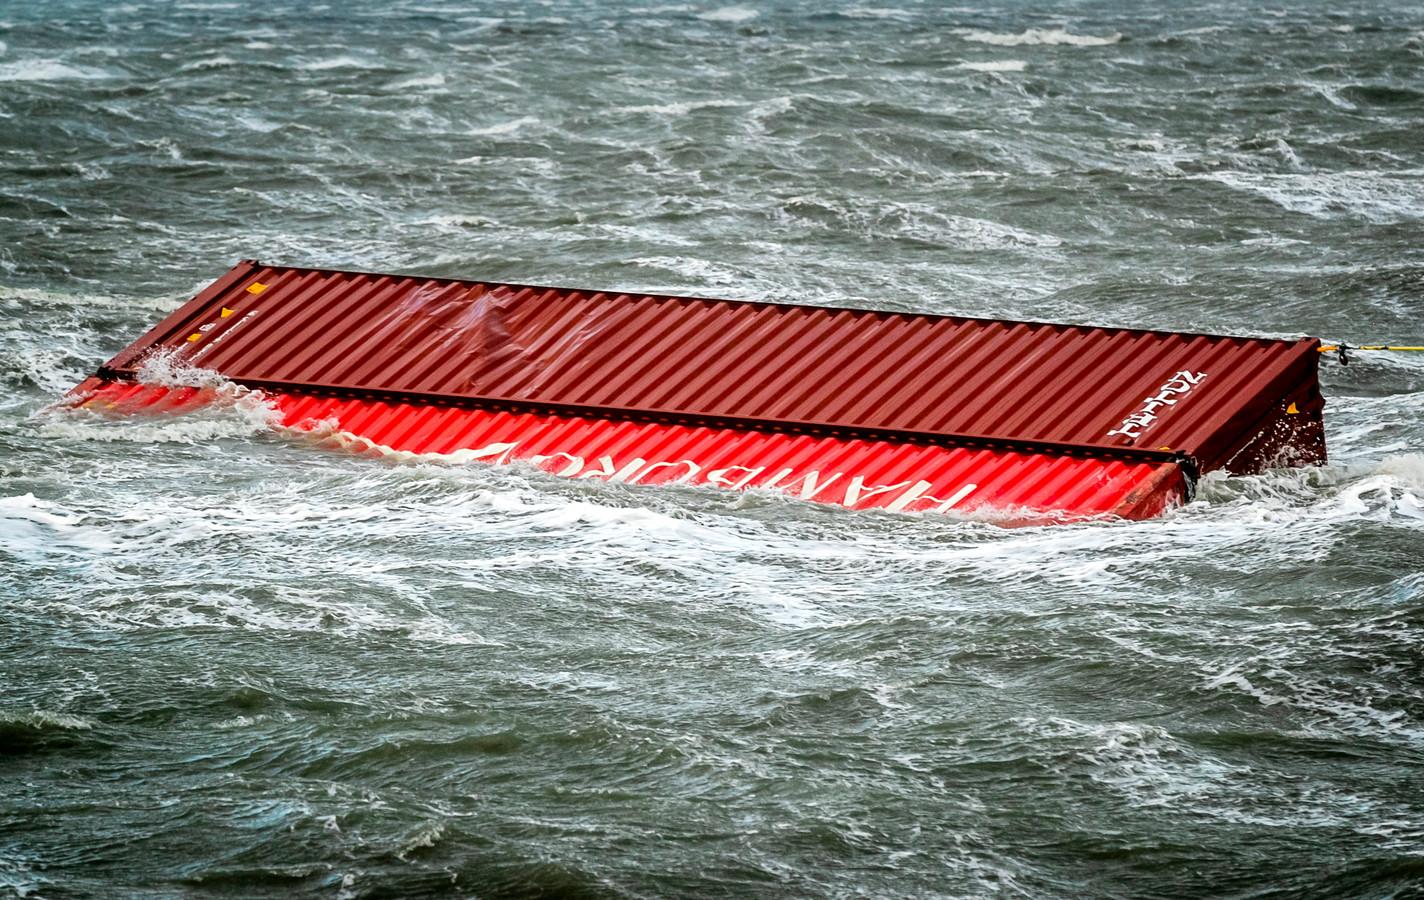 Een overboord geslagen container van de MSC Zoe.